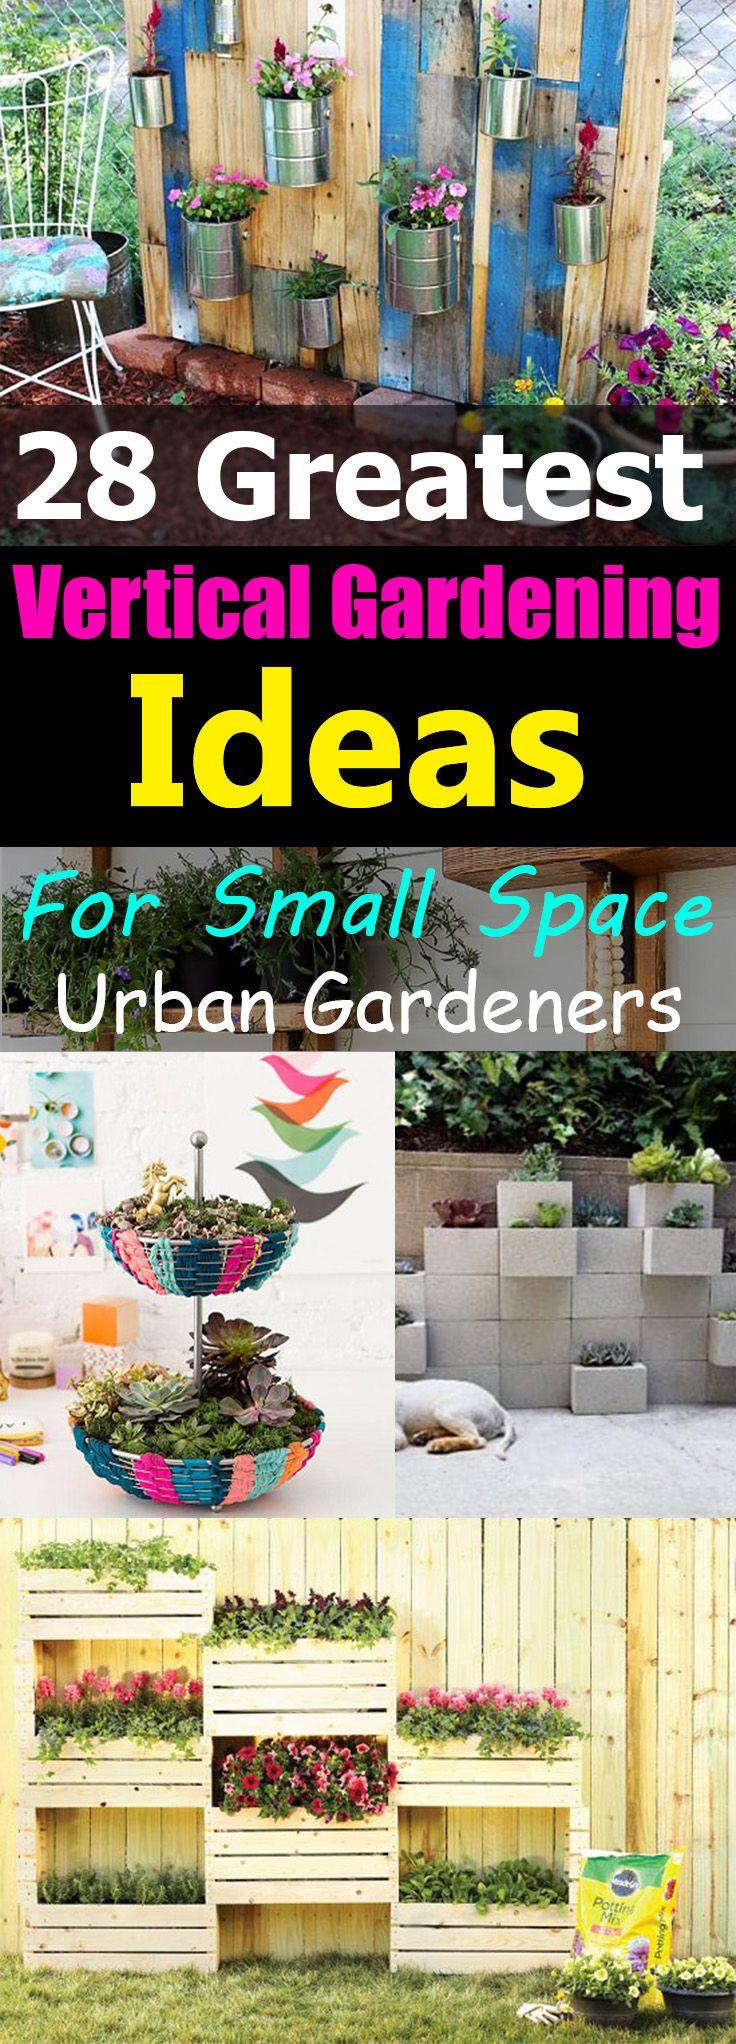 23 urban vertical garden ideas